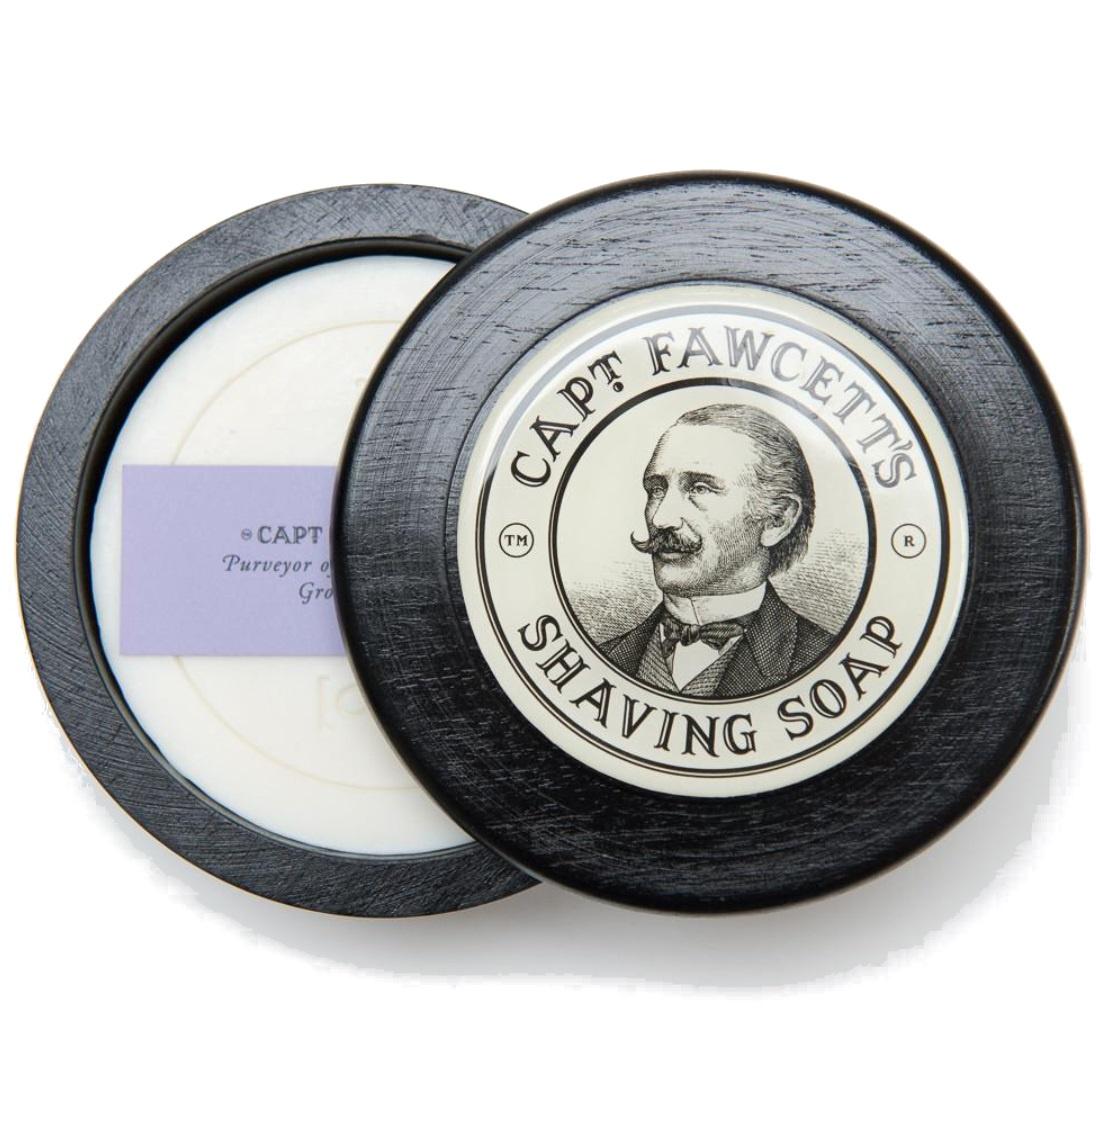 Мыло для бритья Captain Fawcett Luxurious Shaving Soap 110 г